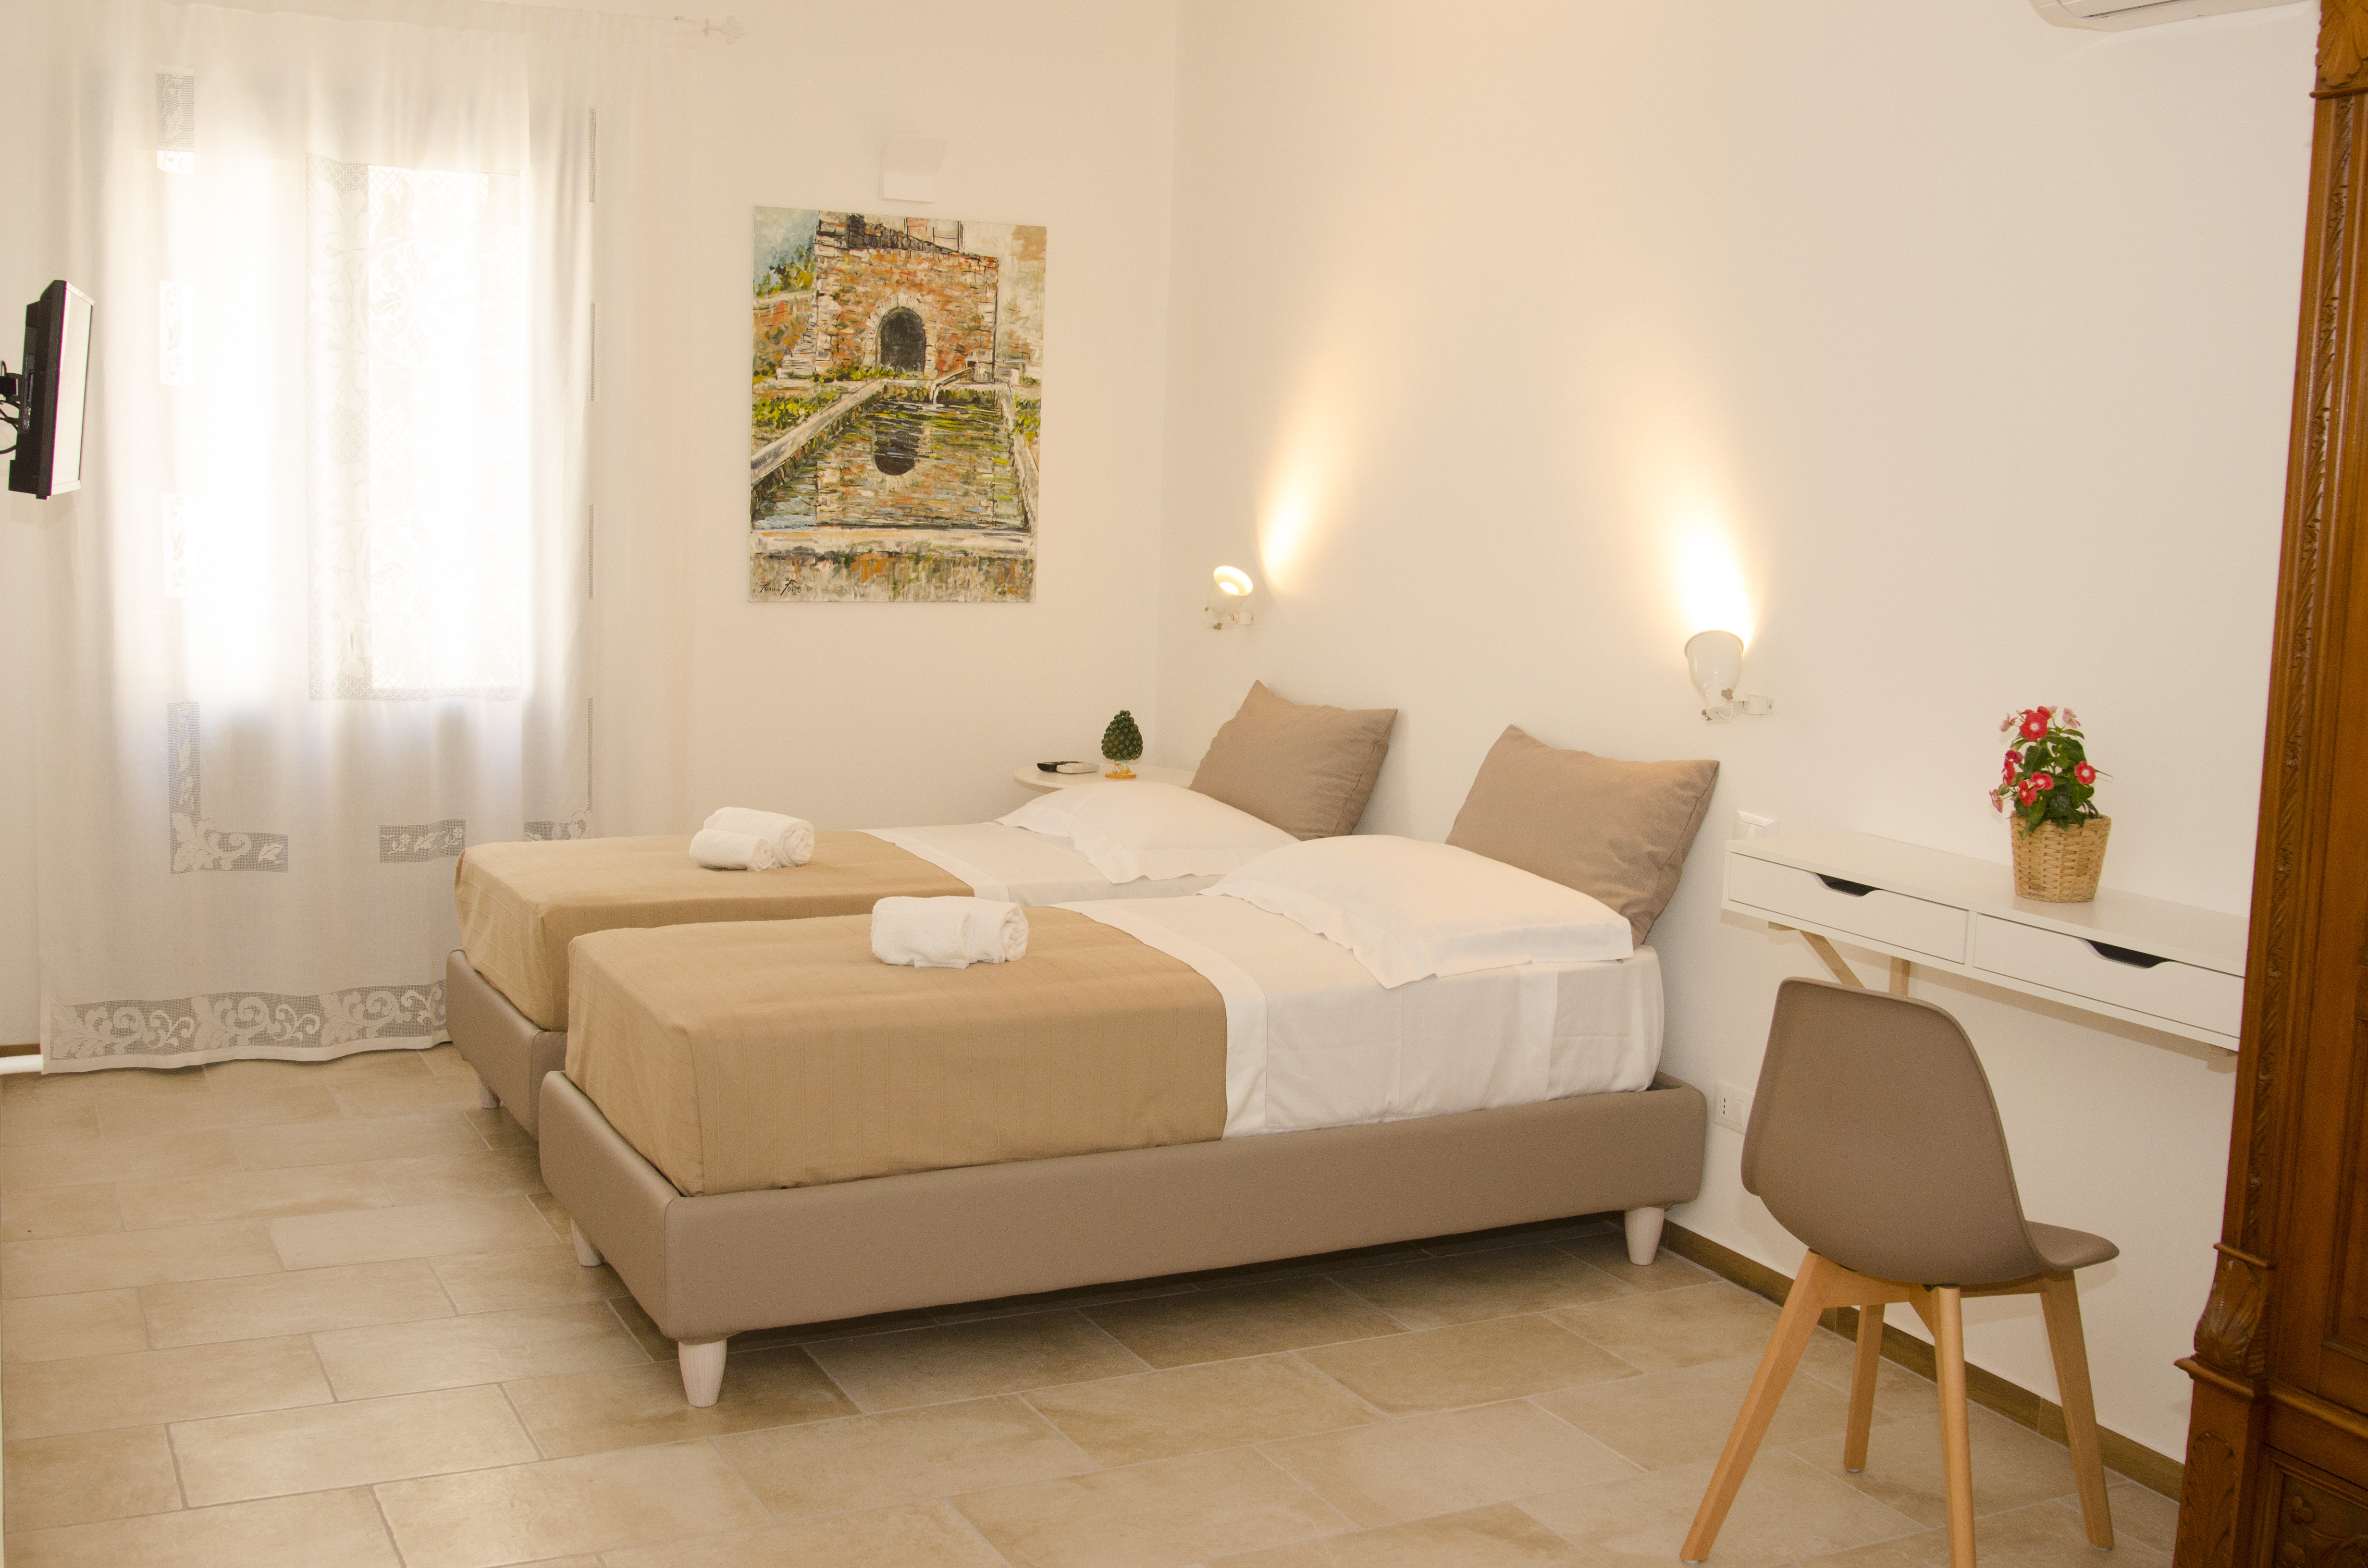 Letto in ferro battuto foto di hotel xenios zeus ouranopoli